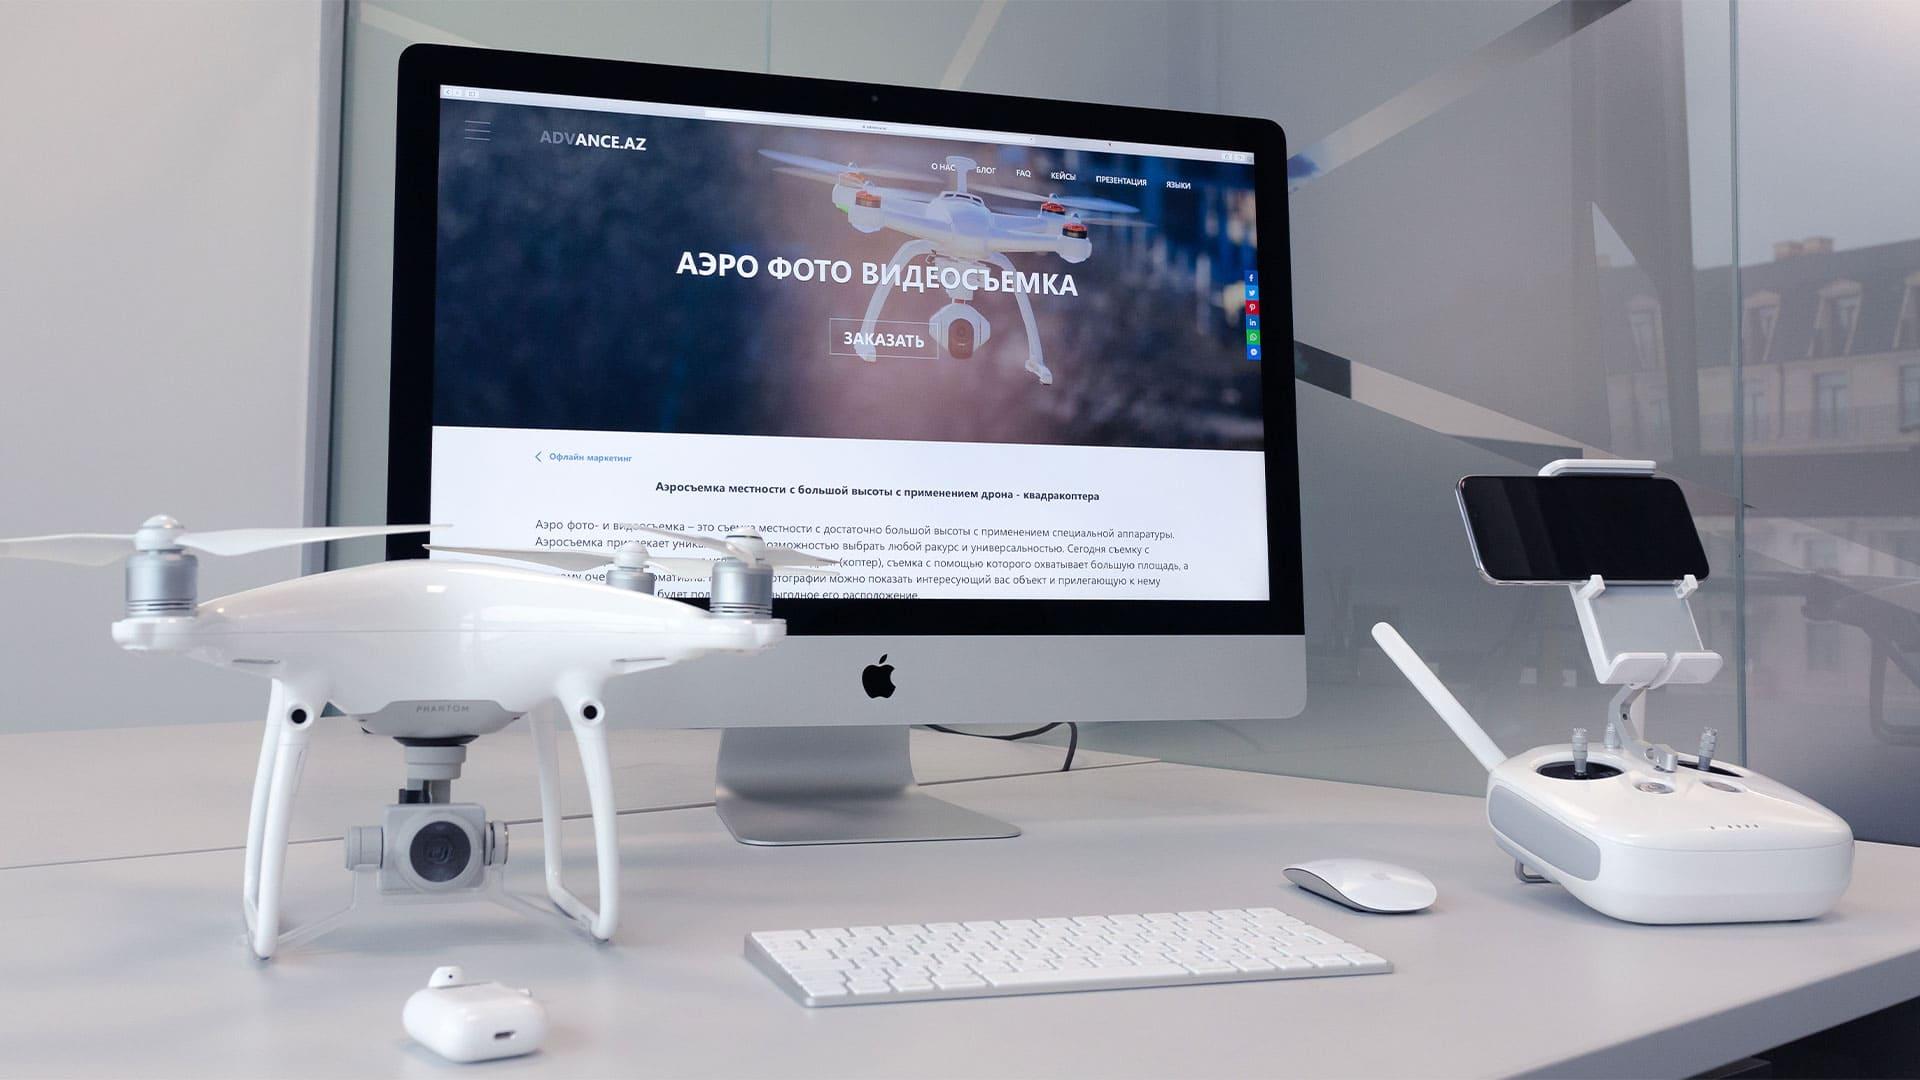 Aero foto videoçəkiliş